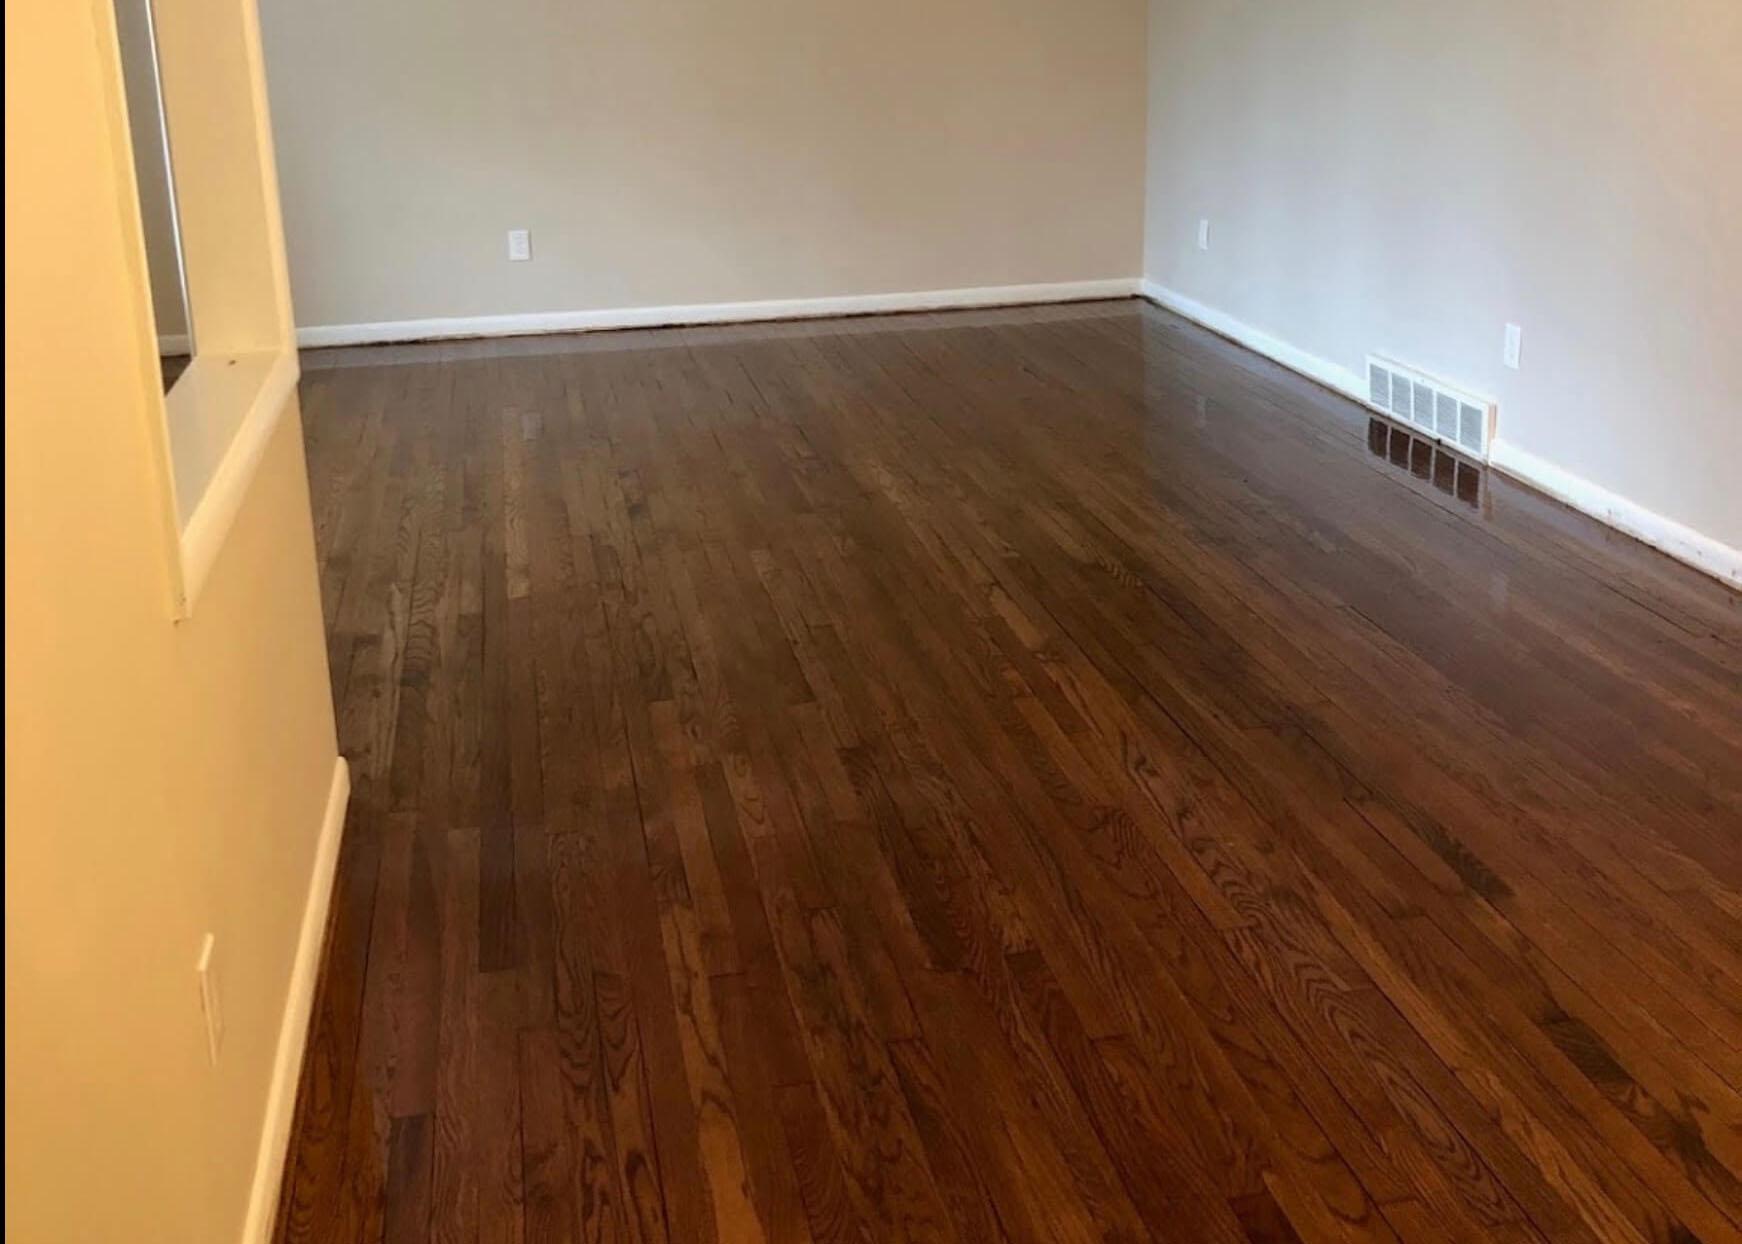 A freshly refinished hardwood floor